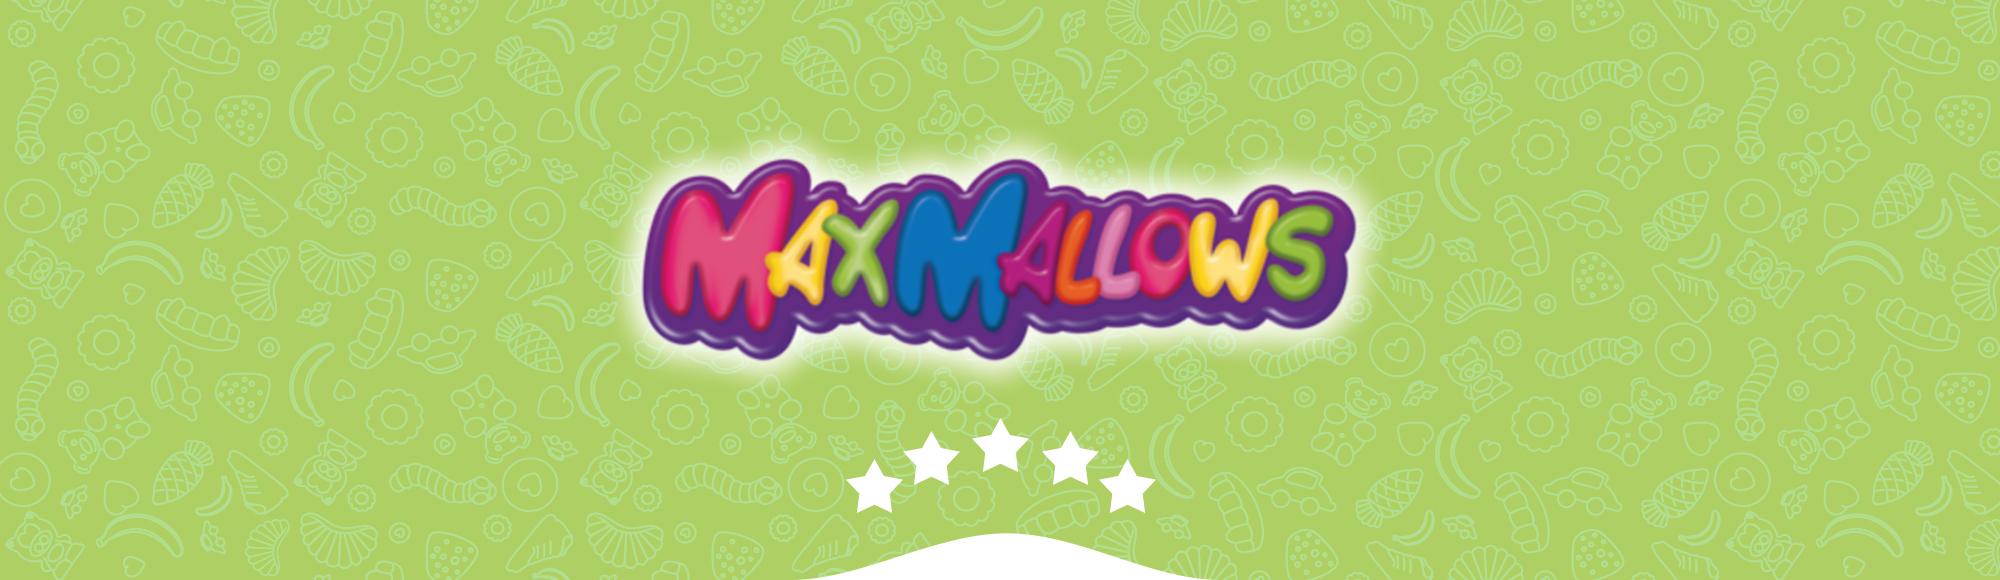 Banner Maxmallows